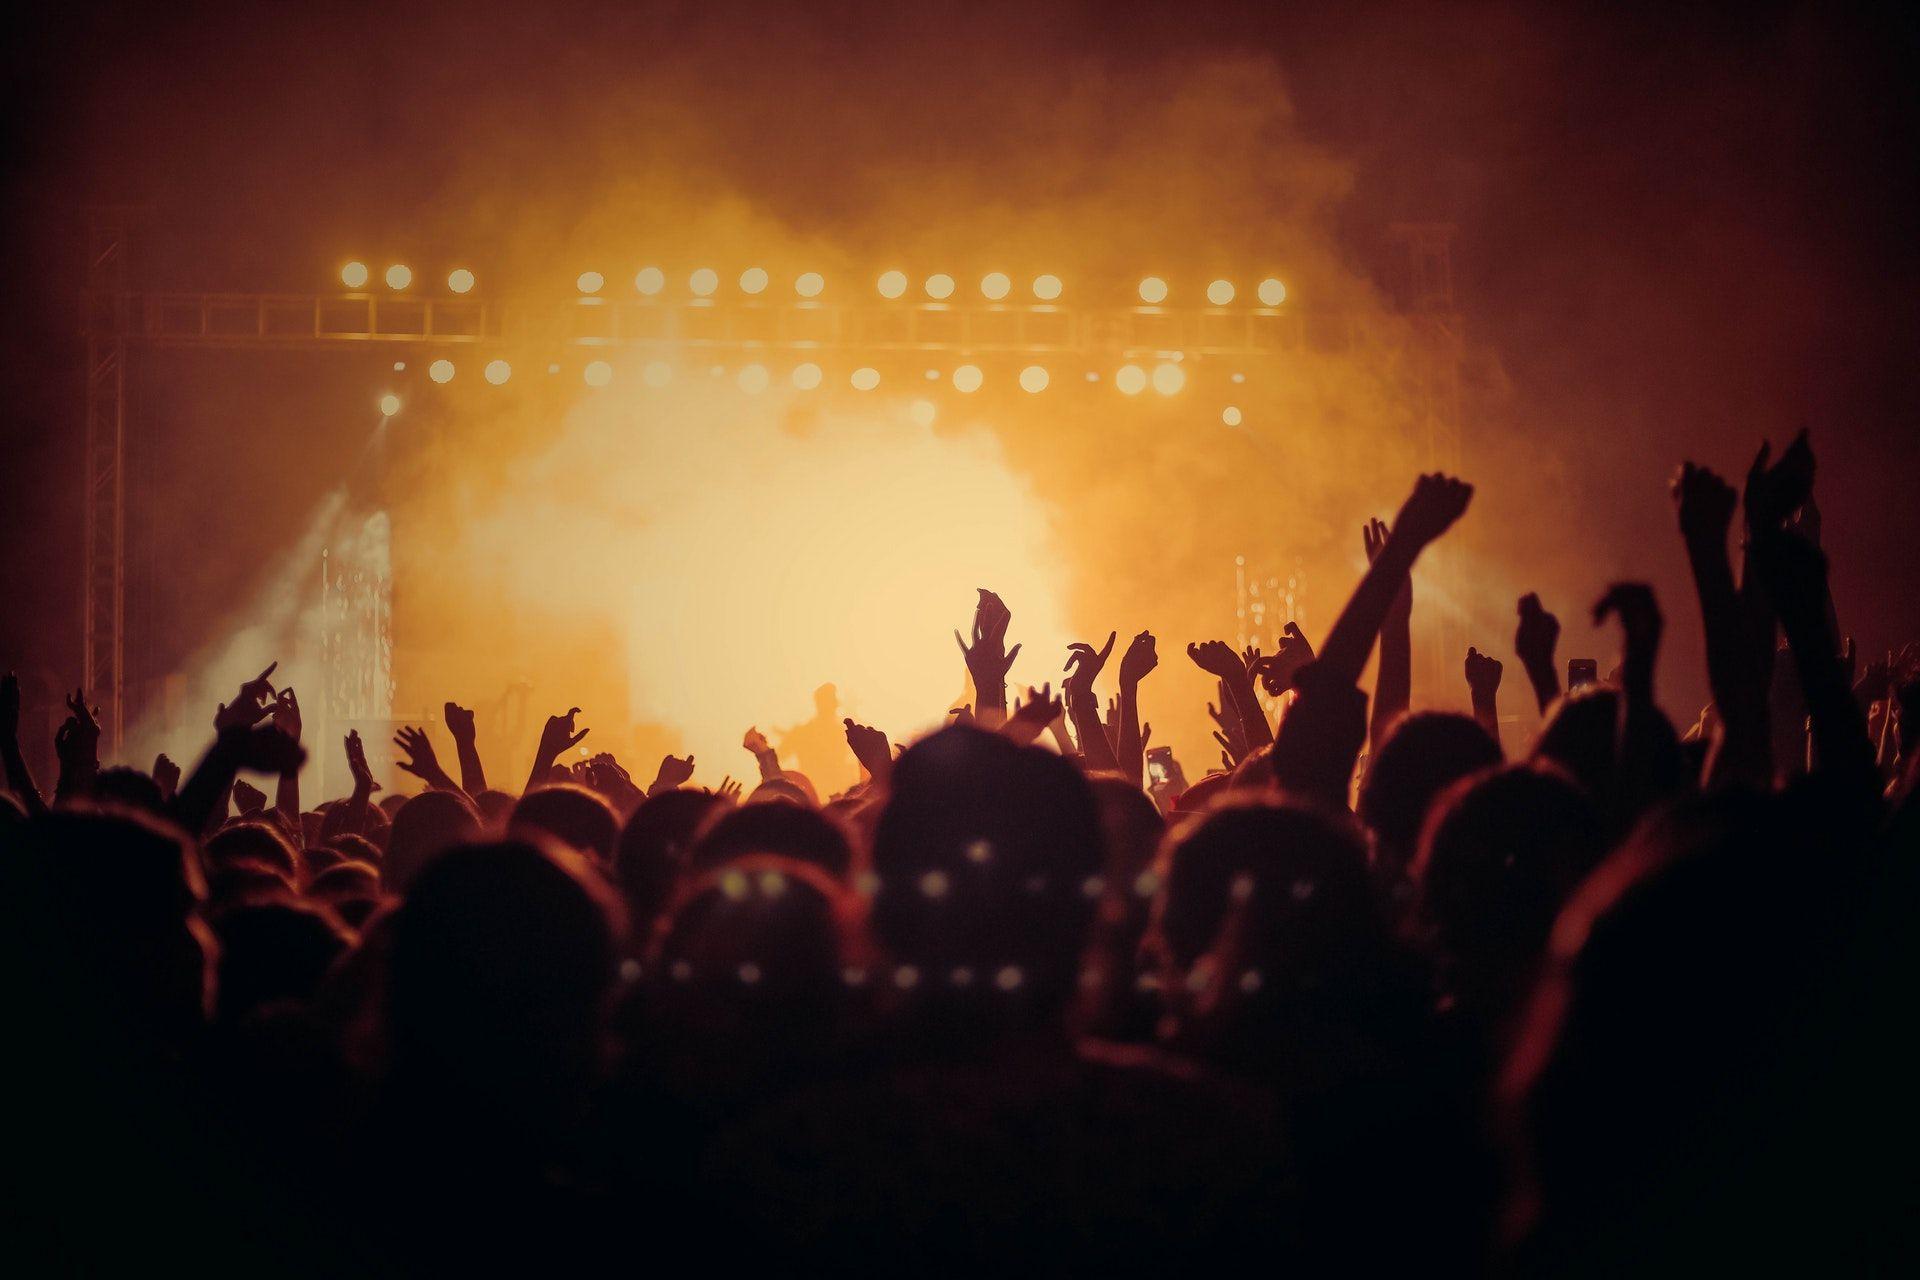 عکس زمینه مردم در کنسرت پس زمینه